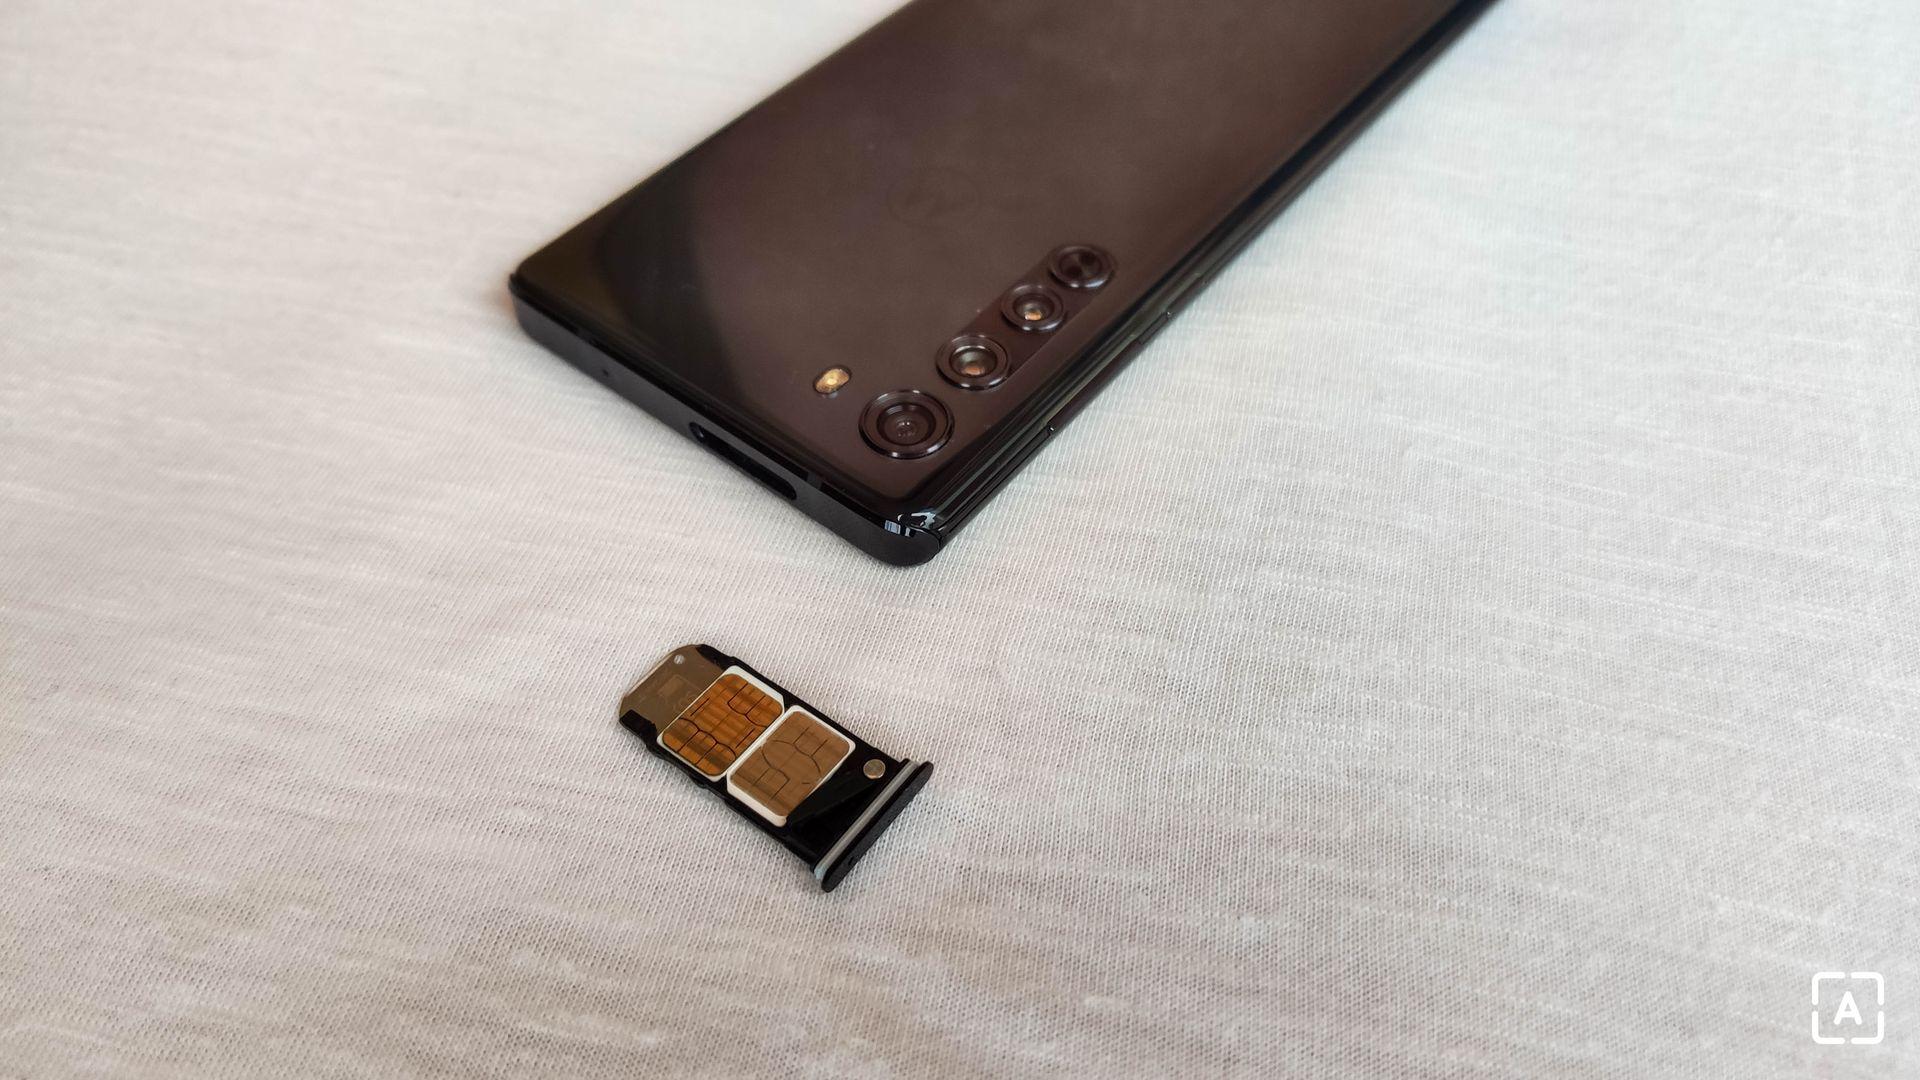 Motorola Edge slot SIM